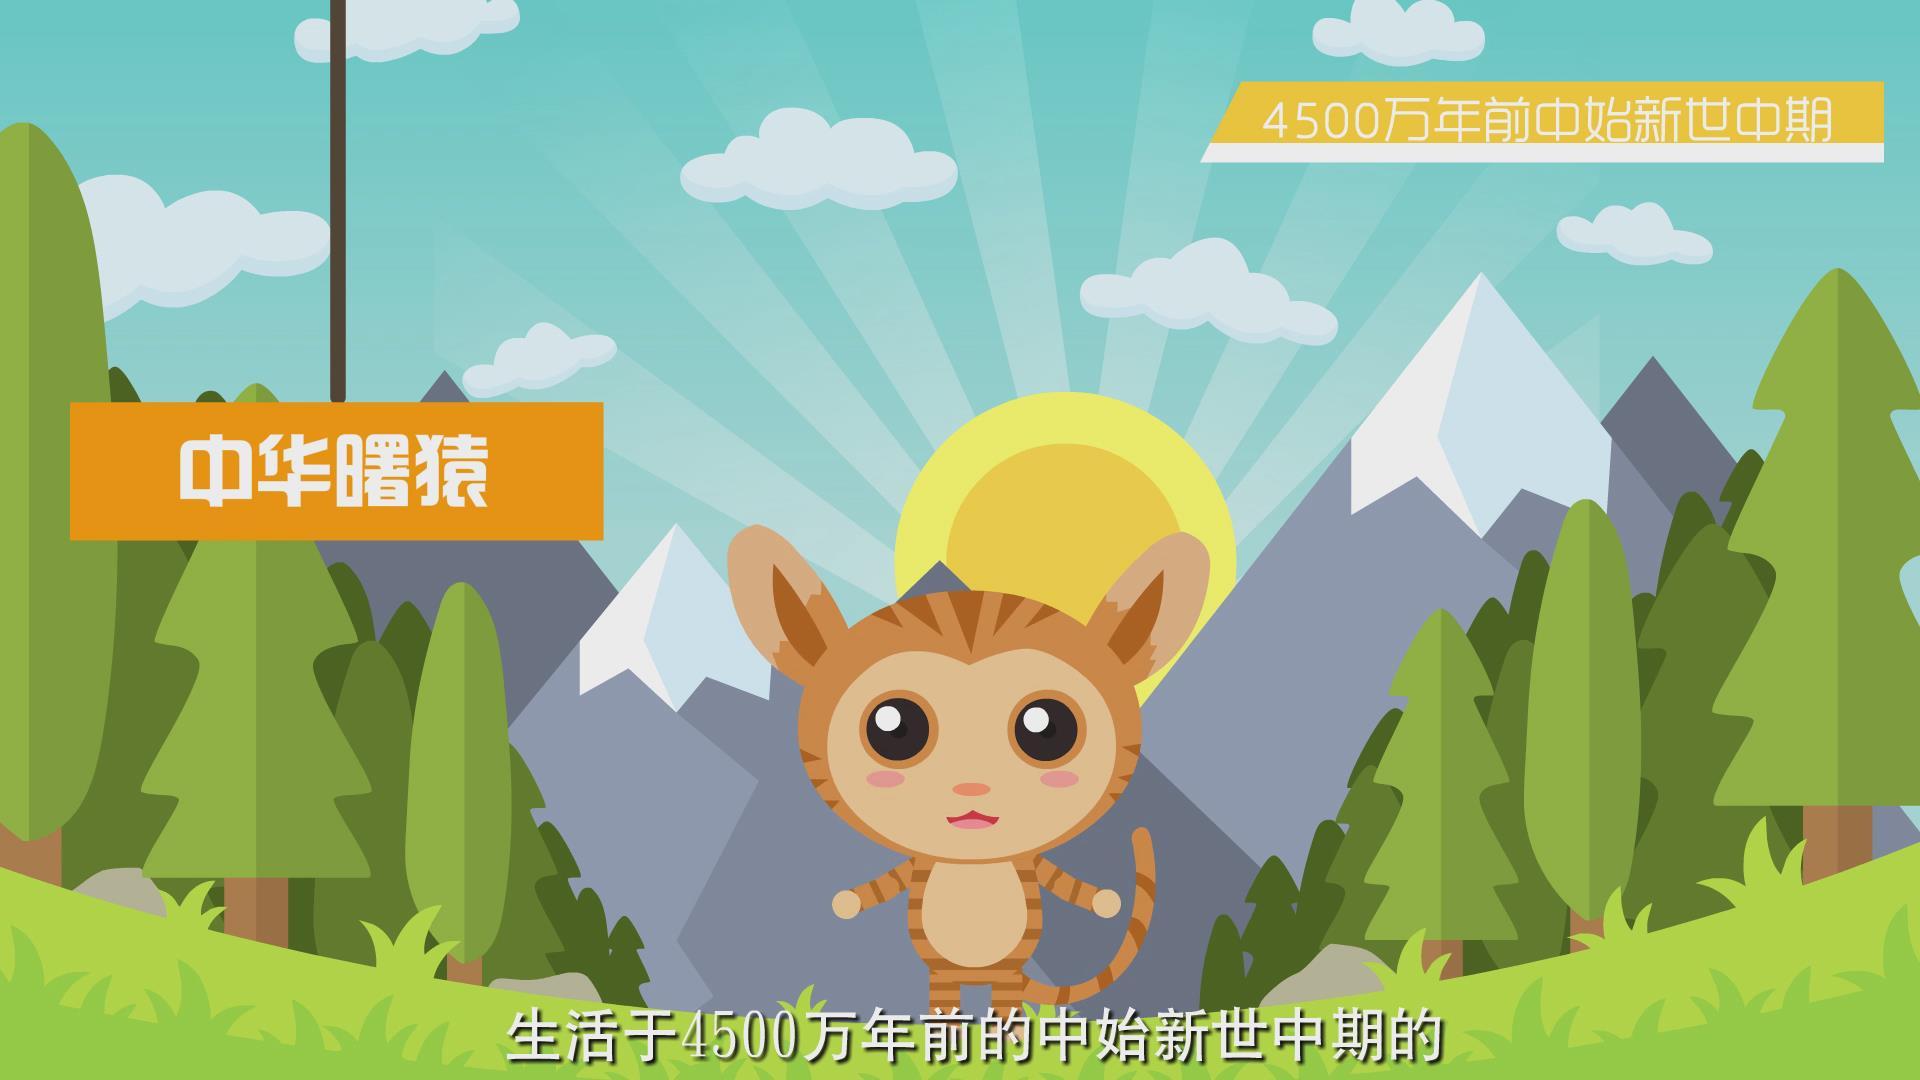 閻良區二維動畫案例-中華曙猿MG動畫